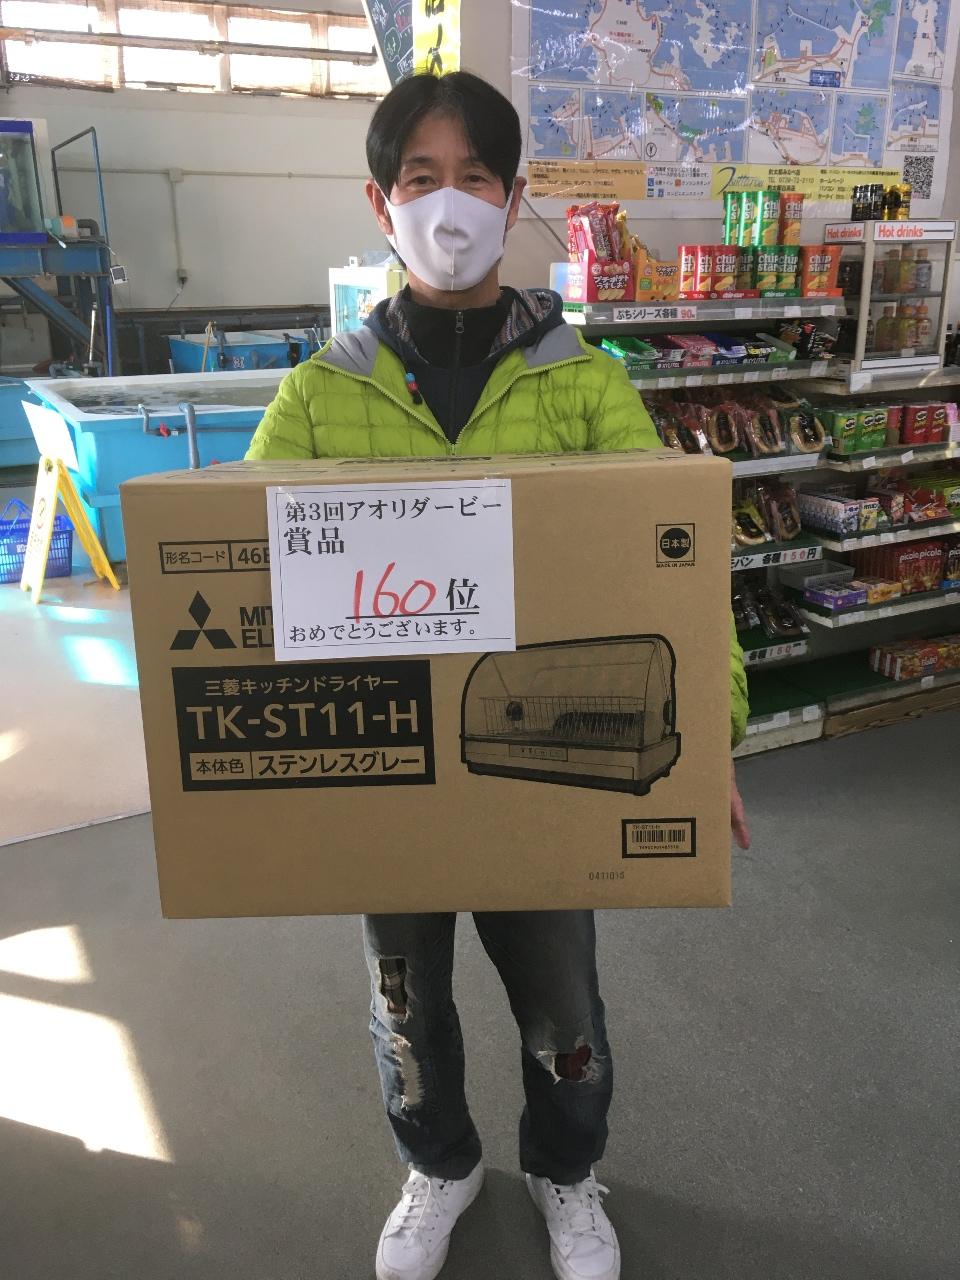 12/26    第5回アオリダービー     160 位  リホ-ムなお様  食器乾燥機get !! おめでとうございます。